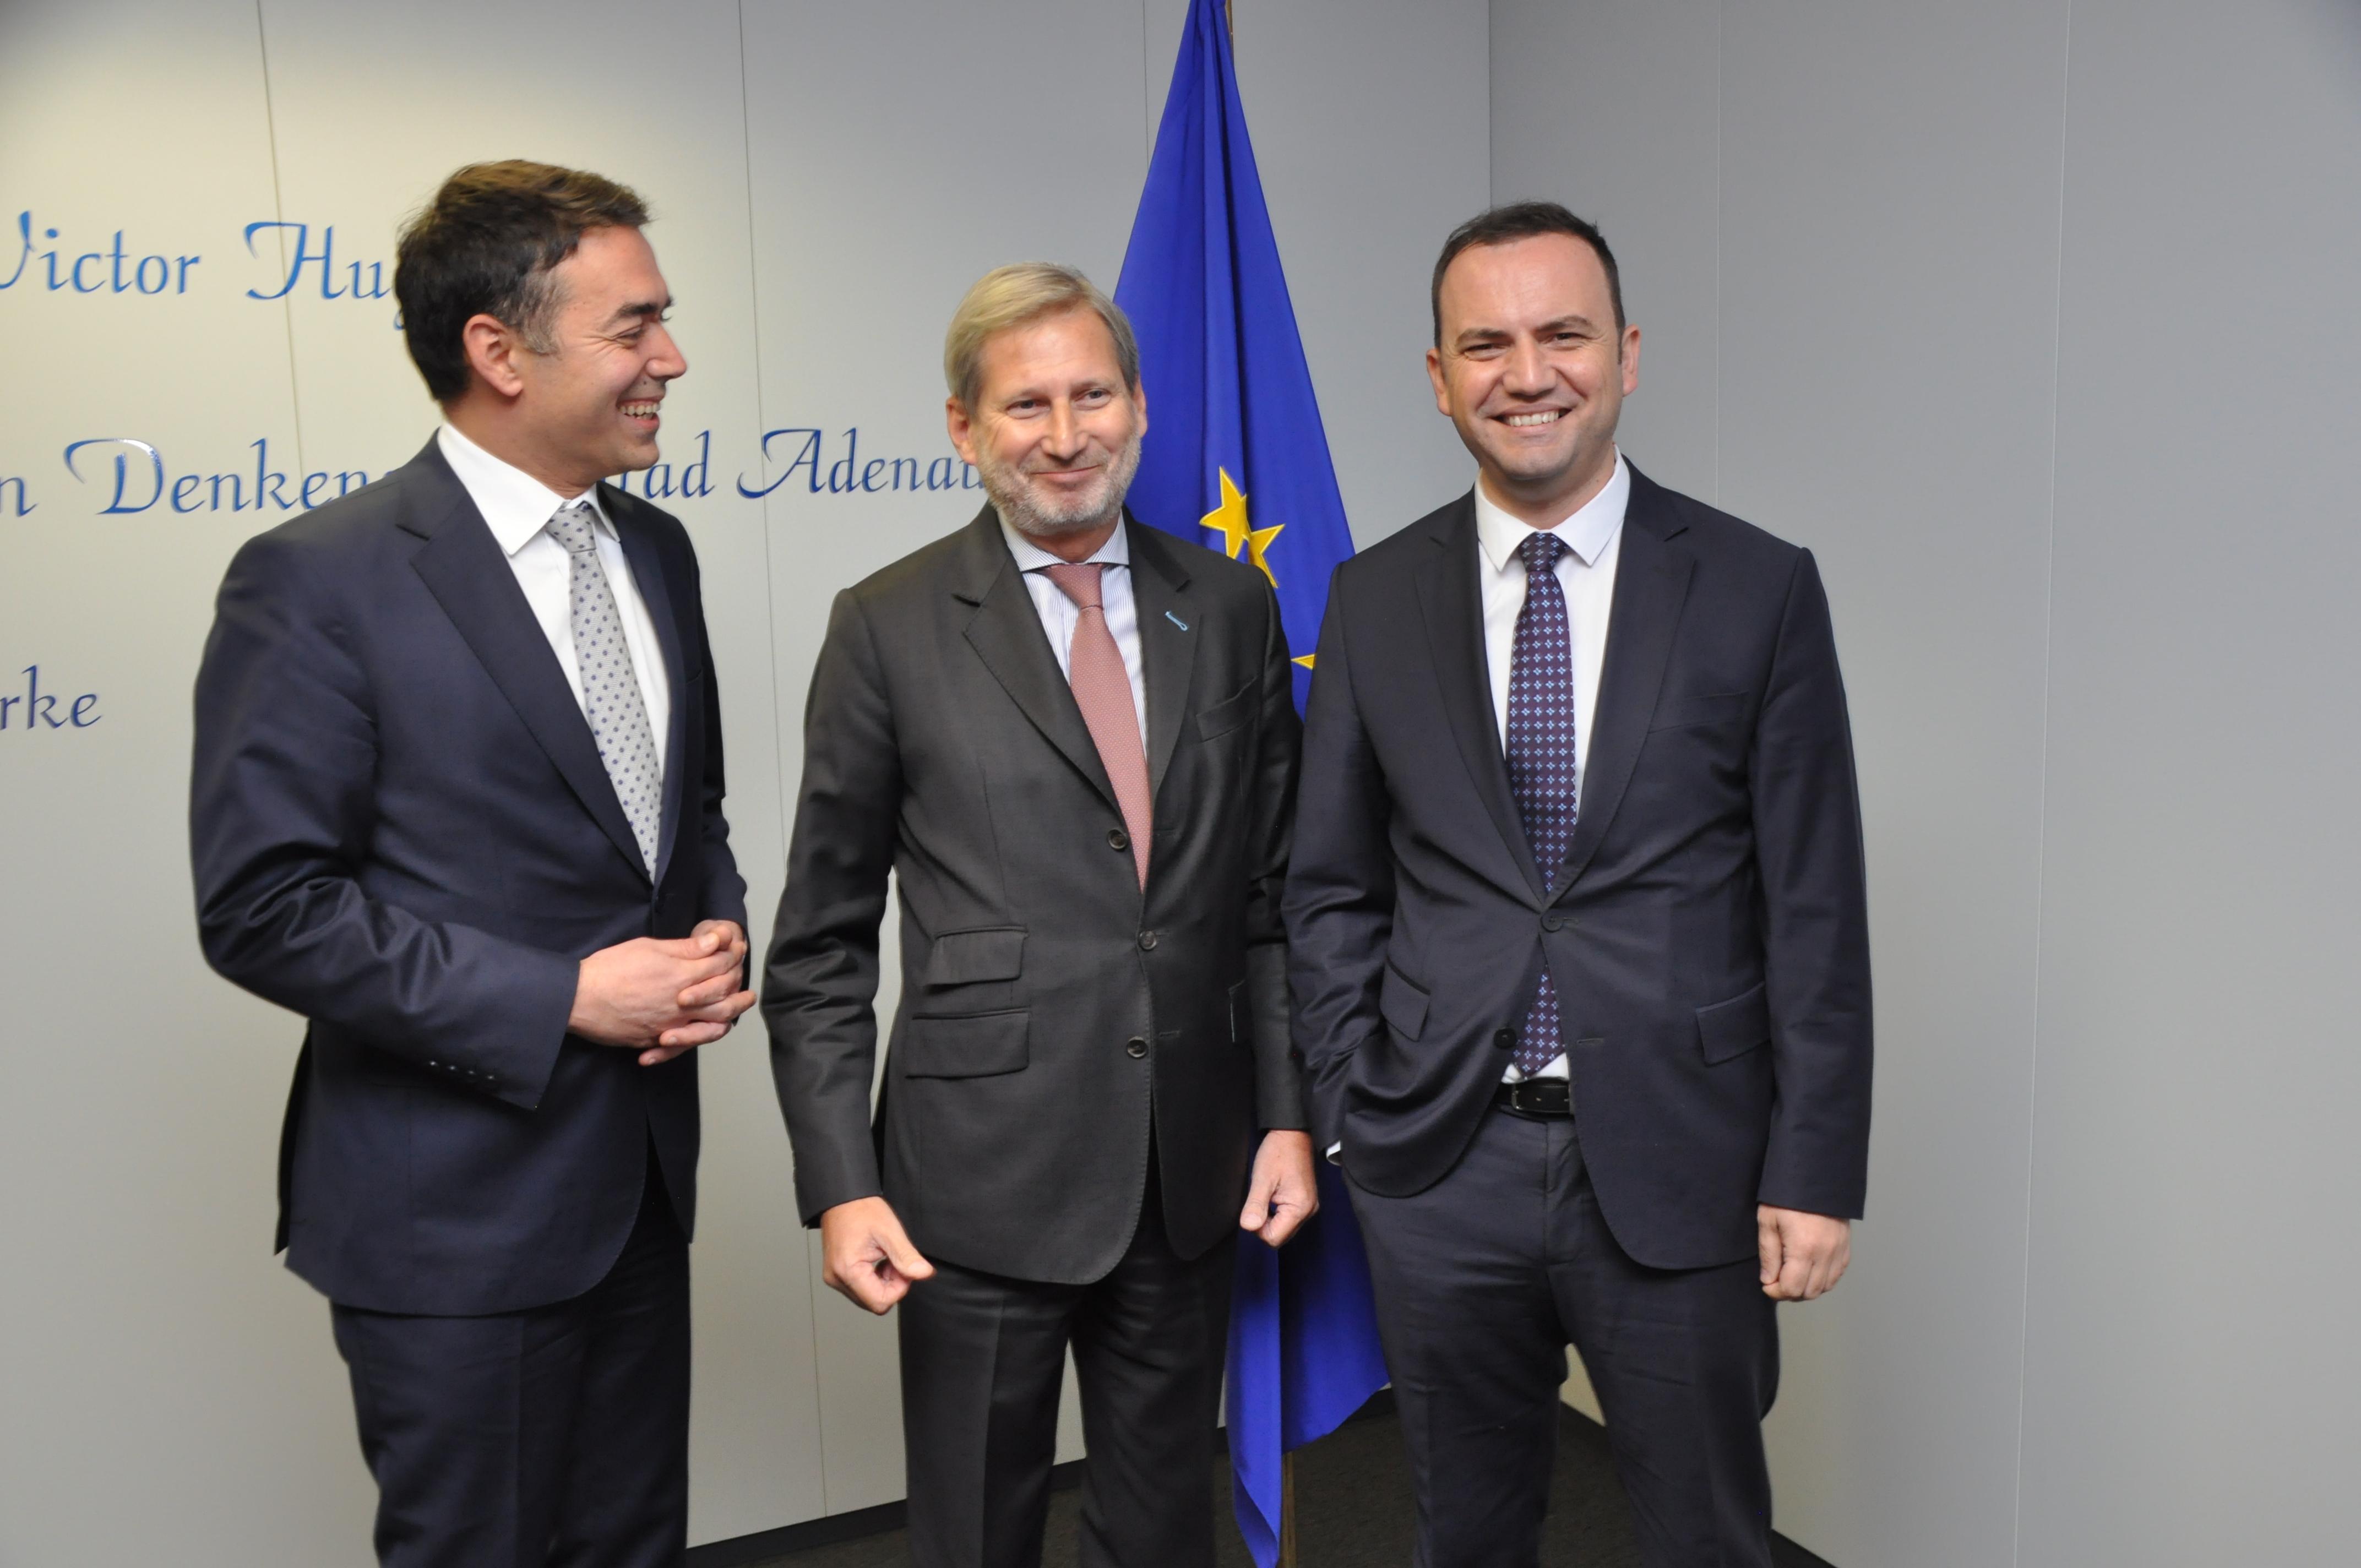 Османи  Во 2018 имаме историска шанса конечно да го затвориме прашањето за ЕУ и НАТО